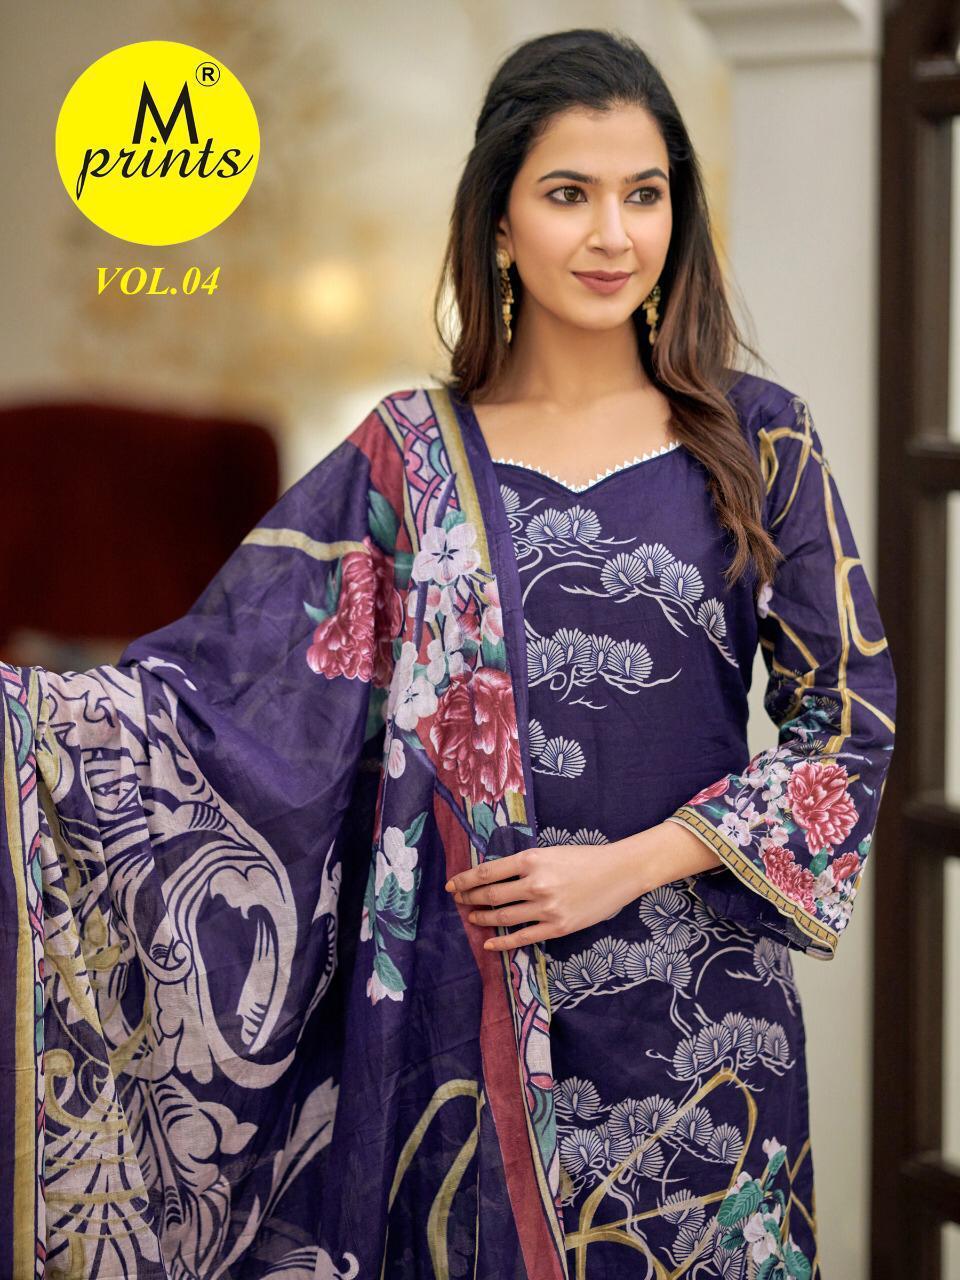 M Prints Vol 4 Salwar Suit Wholesale Catalog 10 Pcs 4 - M Prints Vol 4 Salwar Suit Wholesale Catalog 10 Pcs